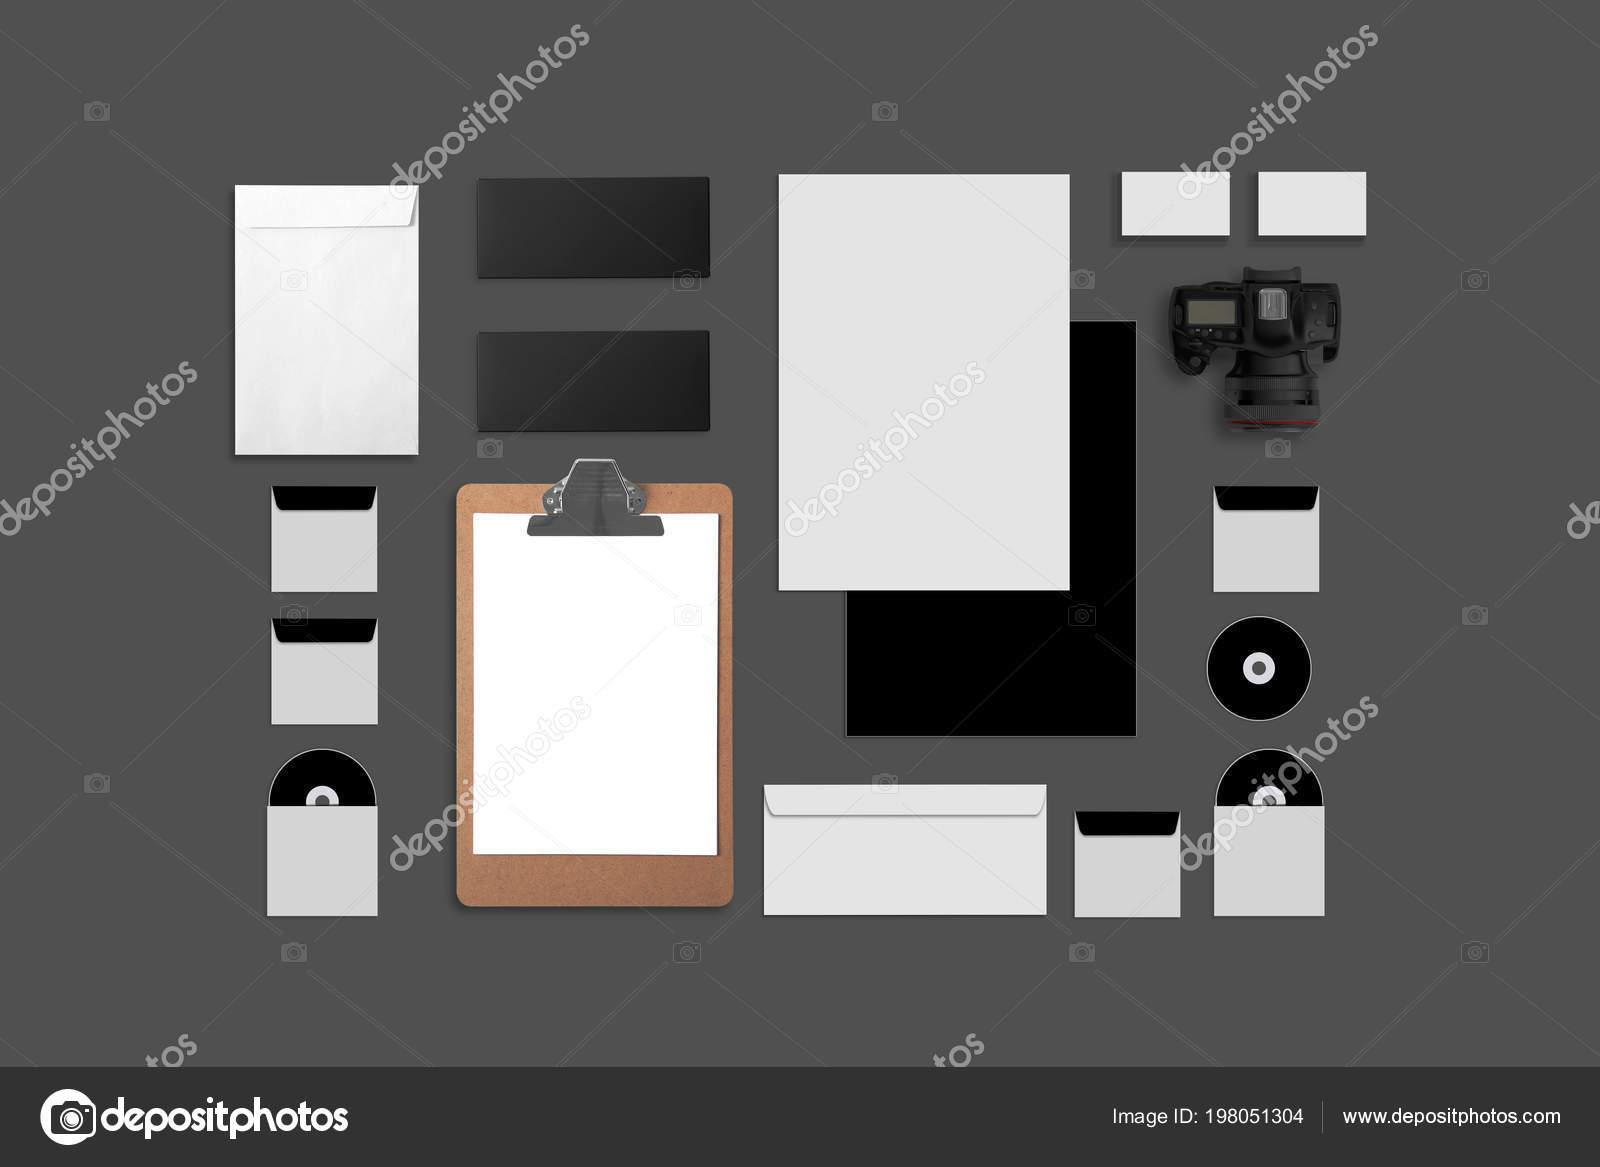 Compose De Cartes Visite Dossier Tablet Pc Enveloppes A4 Papier A En Tete Ordinateurs Portables Flash Crayon Disque Cd Et Les Telephones